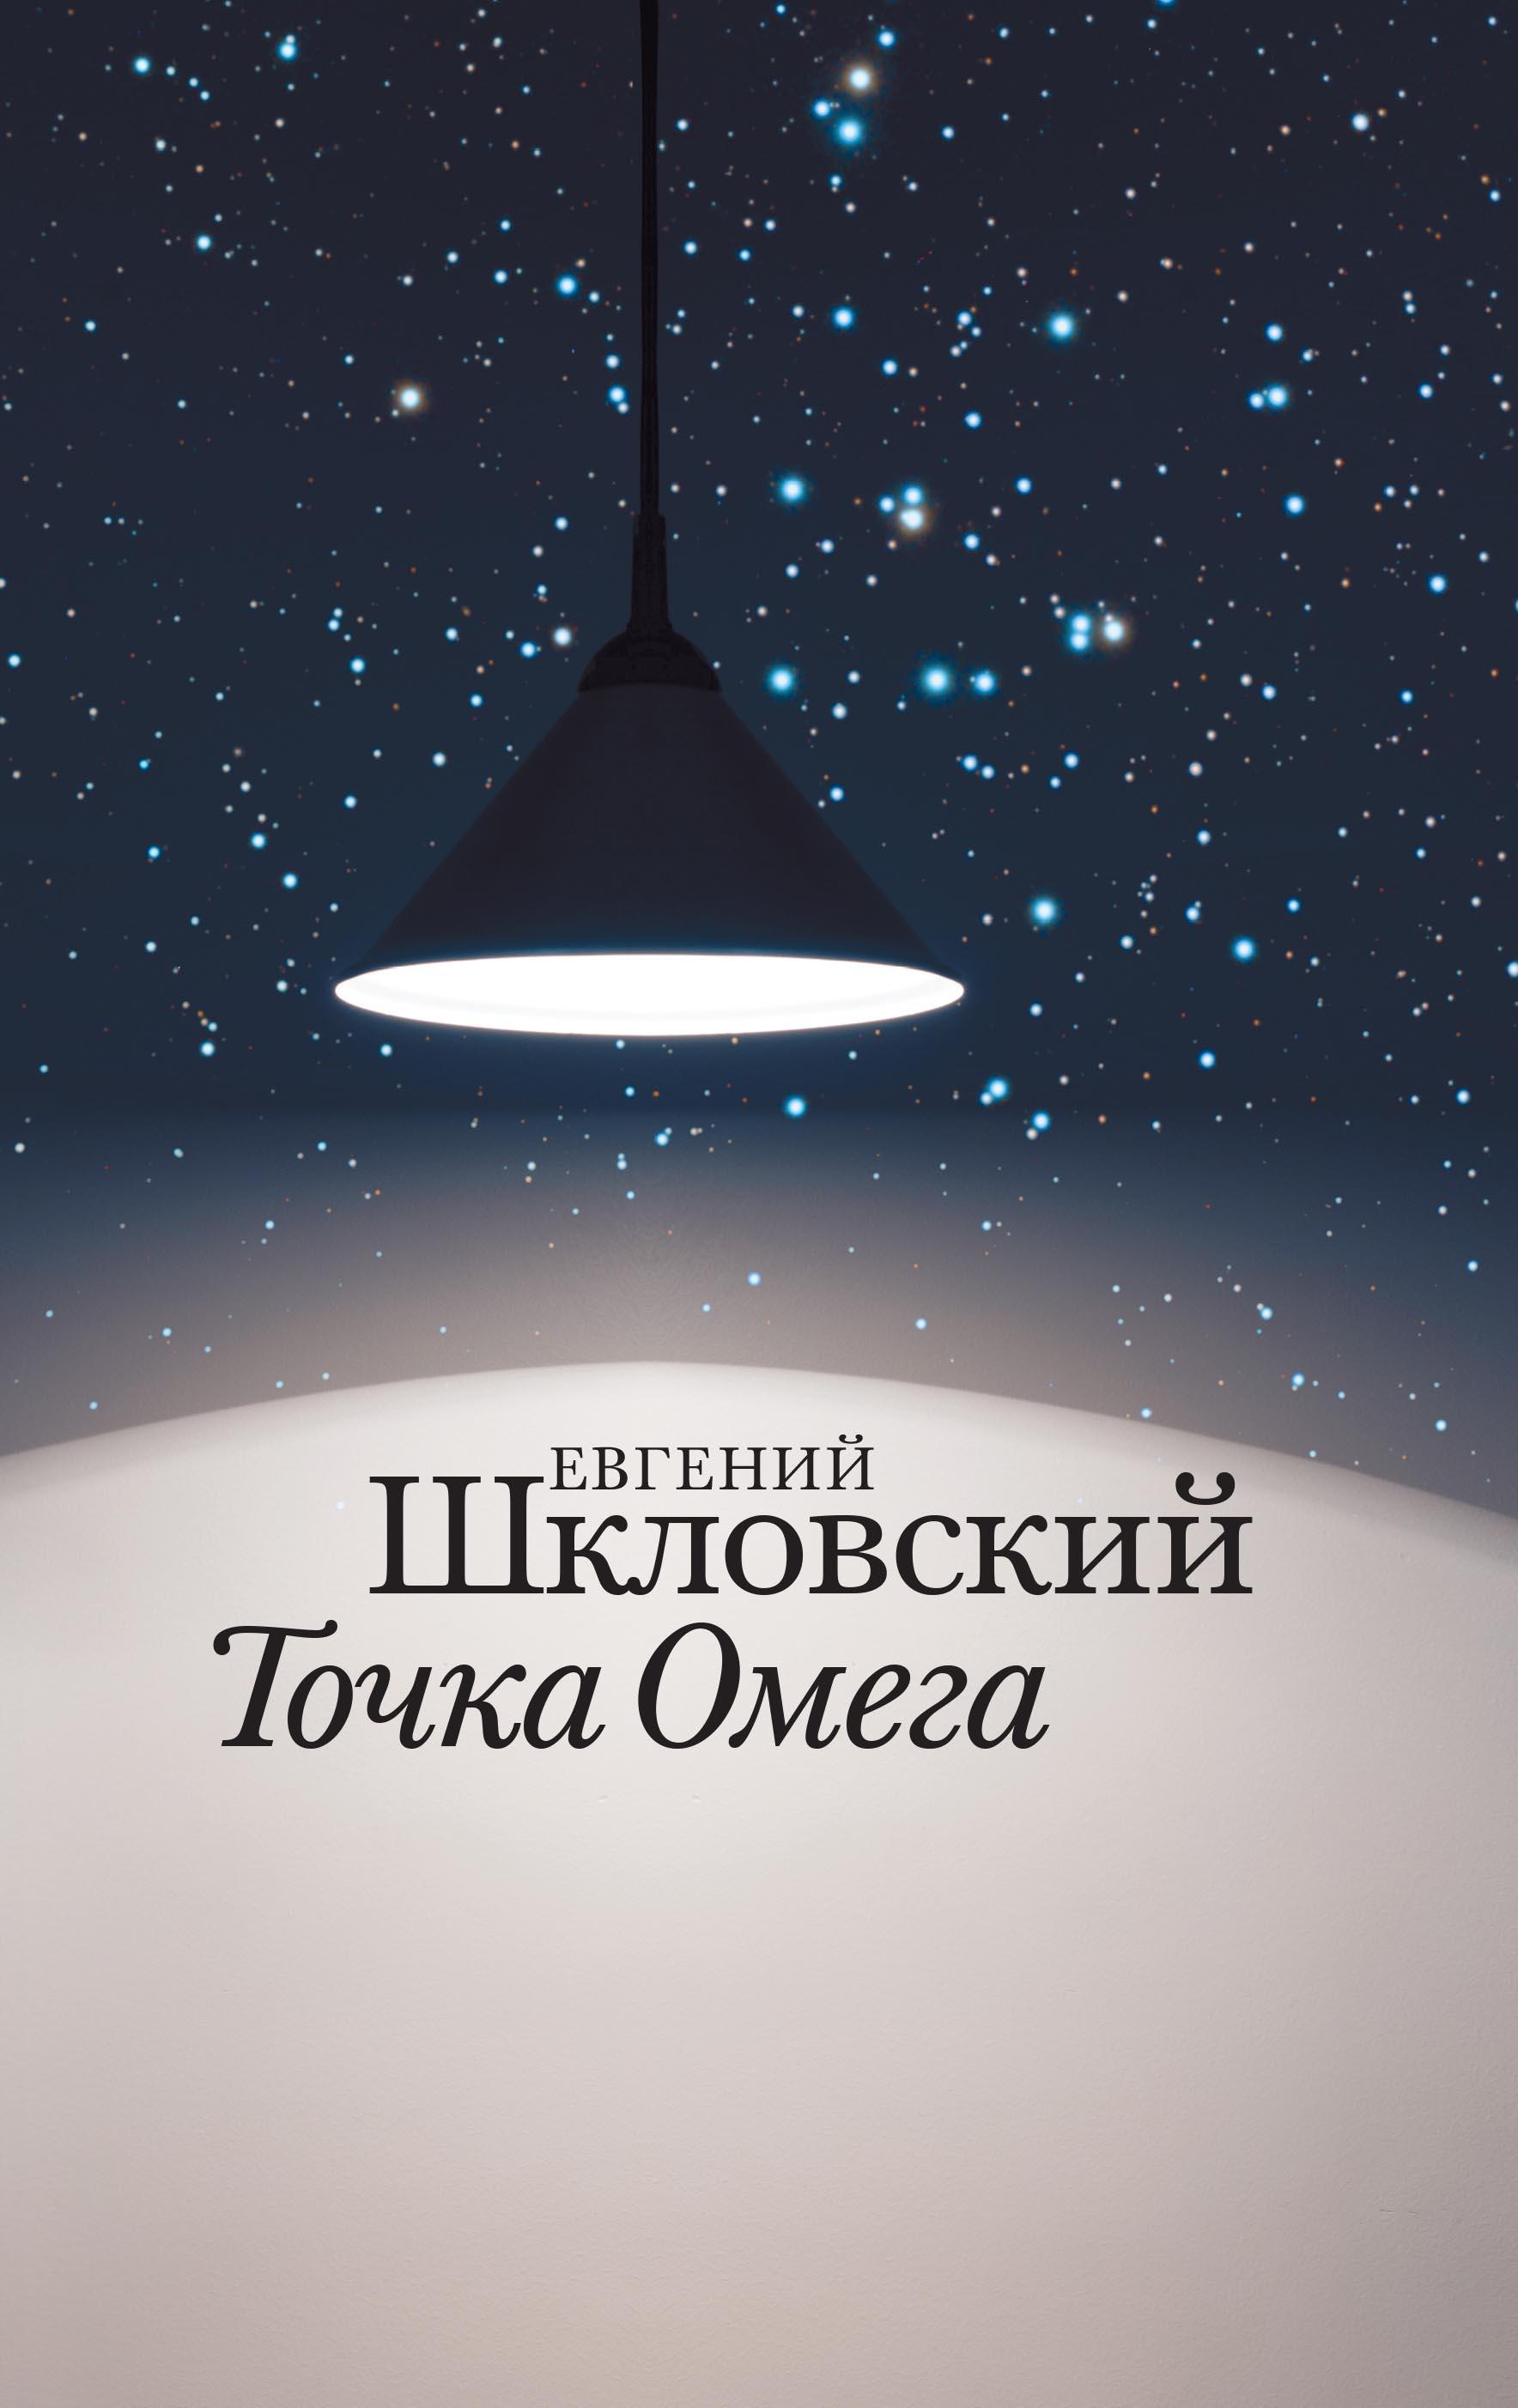 Евгений Александрович Шкловский Точка Омега фата 28